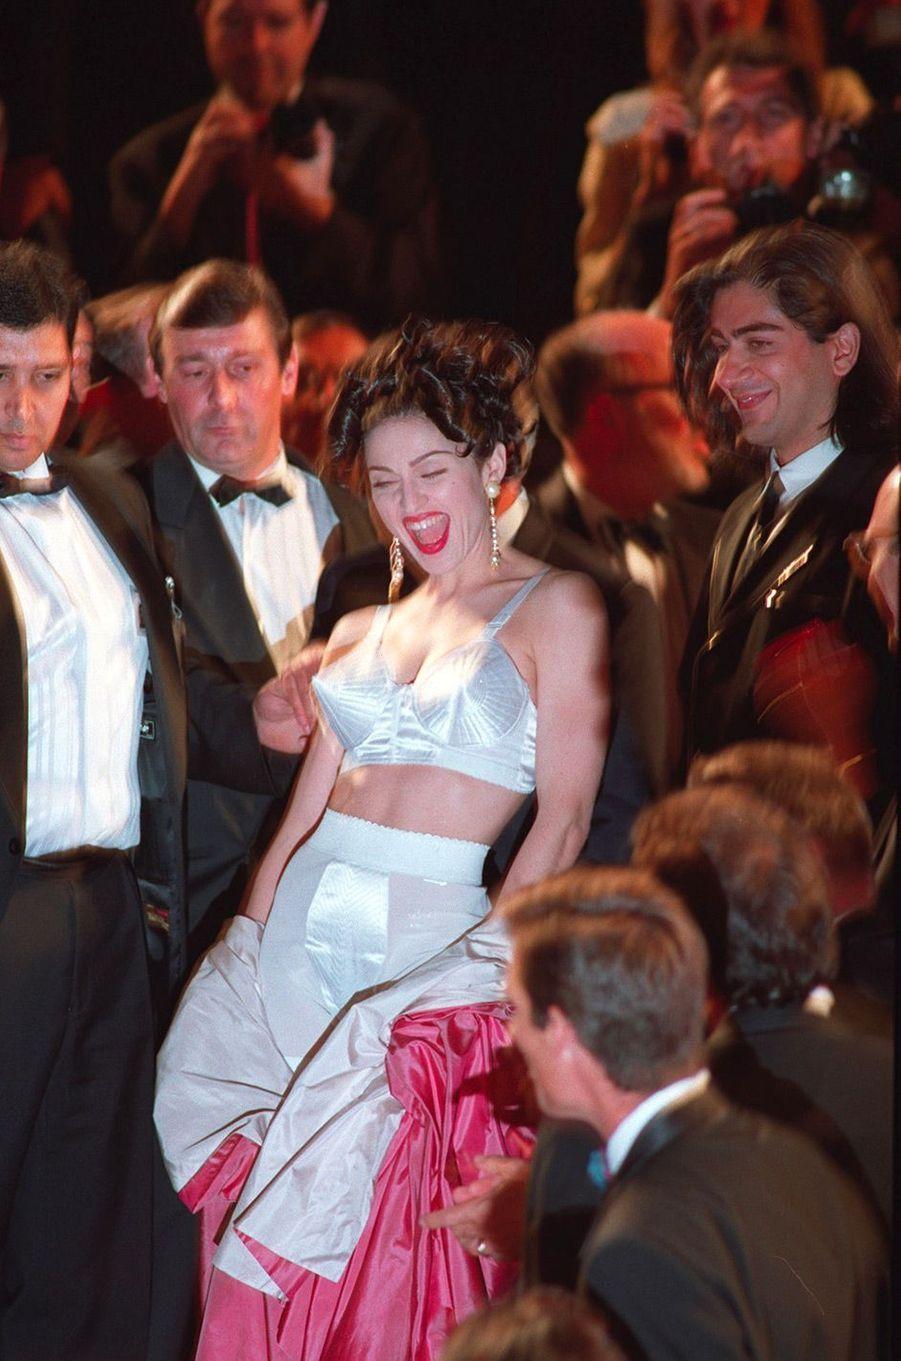 Festival de Cannes 1991: Le soutien-gorge de MadonnaLa provocation, c'est la passion de Madonna. Alors pour projection à Cannes du documentaire d'Alek Keshishian, «In bed with Madonna», la chanteuse a déclenché l'agitation. Elle a montée les marches portant le soutien-gorge conique (et iconique) signé Jean-Paul Gaultier, engendrait l'émeute sur le tapis rouge.